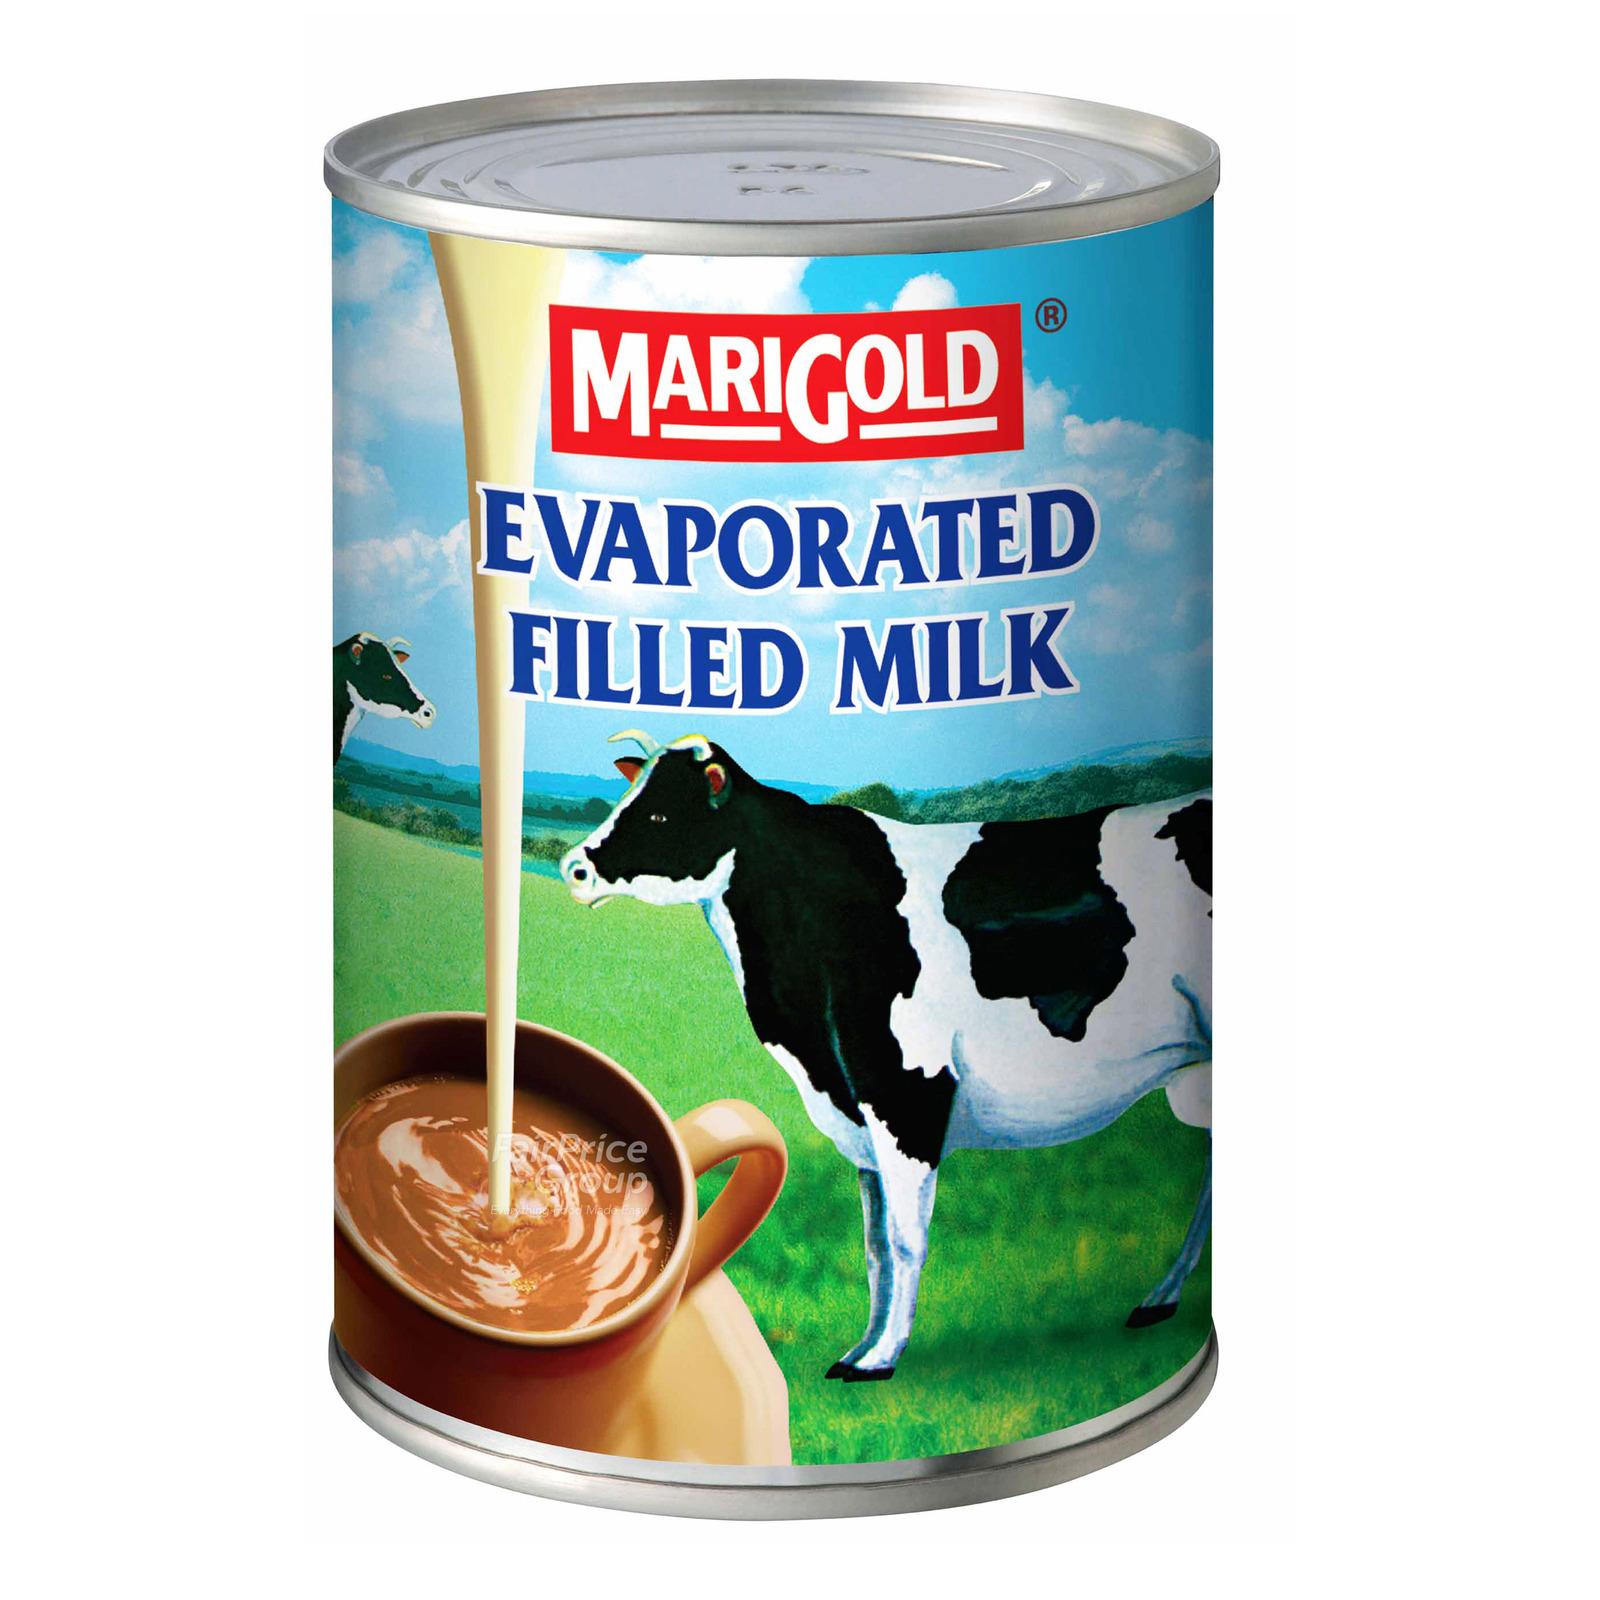 Marigold Evaporated Filled Milk